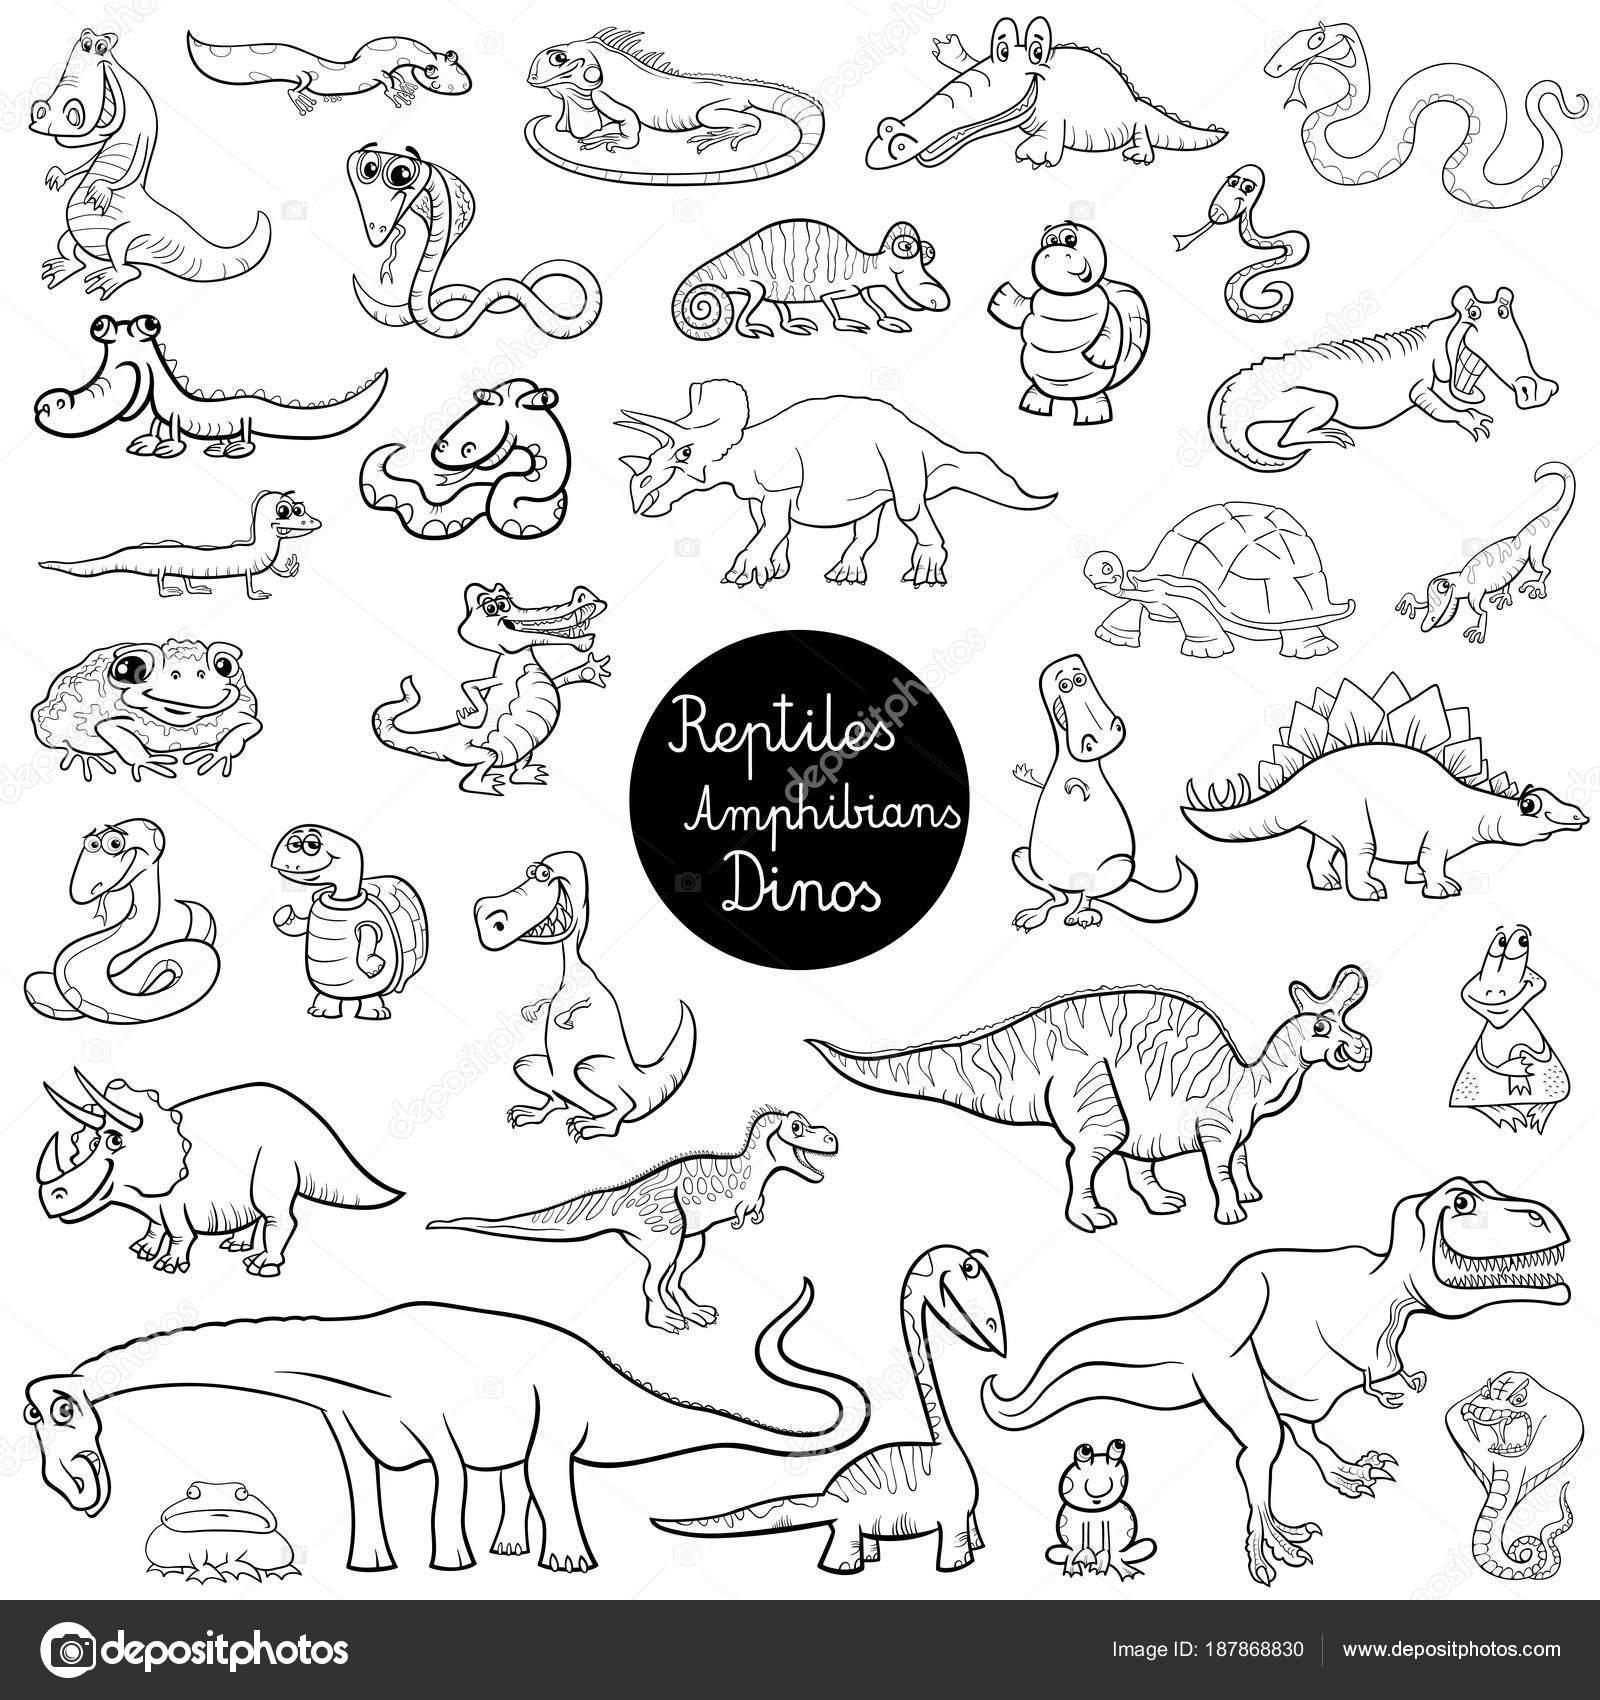 reptiles y anfibios set libro a color — Archivo Imágenes Vectoriales ...